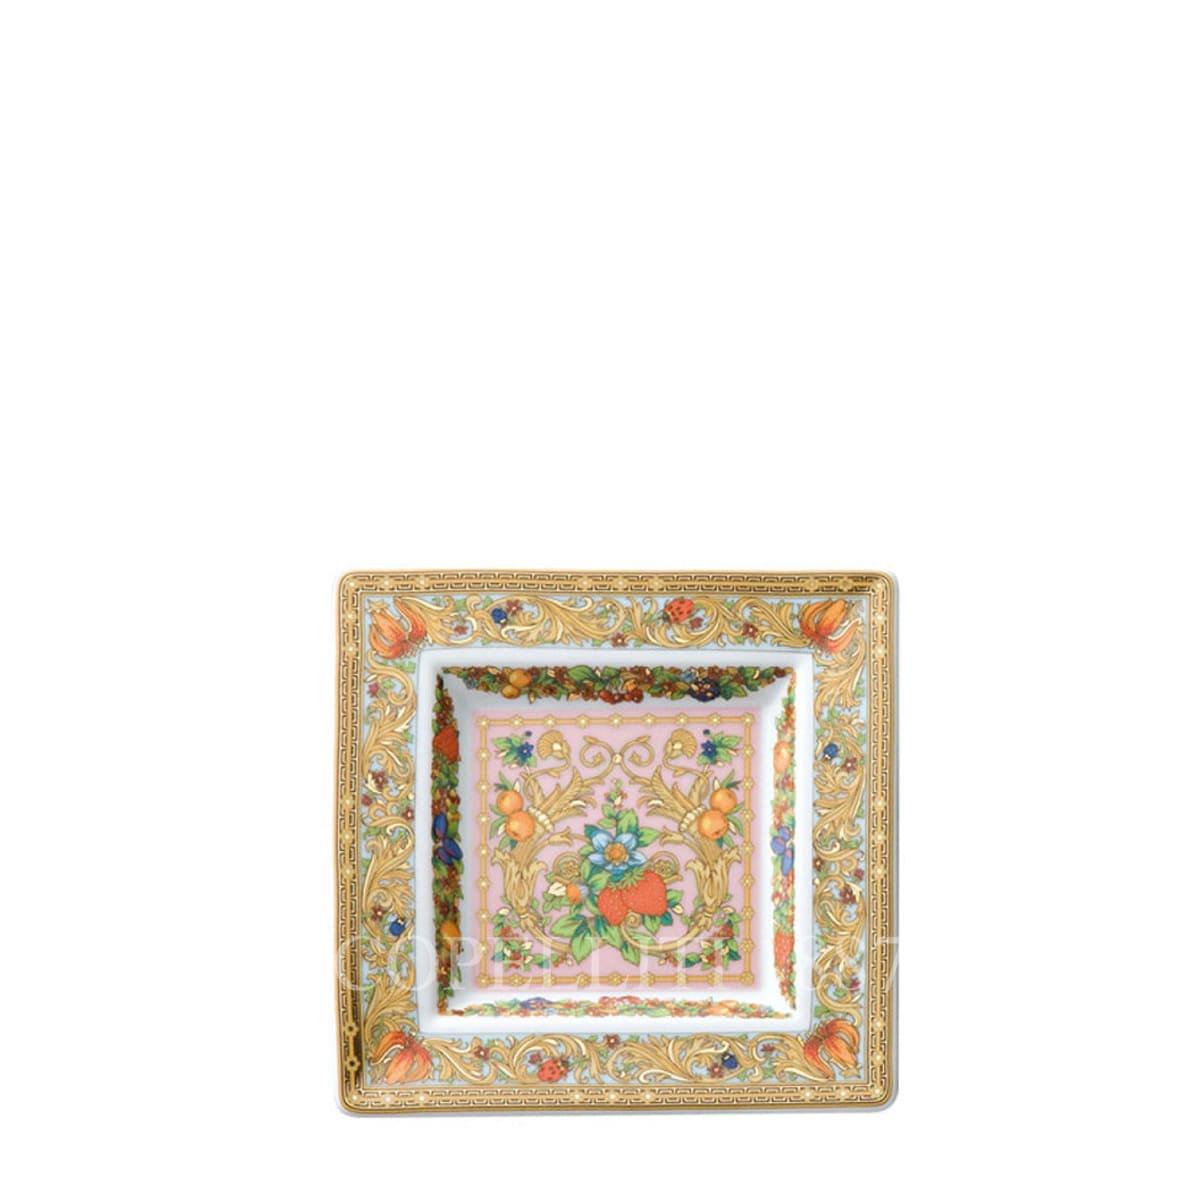 Versace Le Jardin de Versace Square Dish 14 cm by Rosenthal